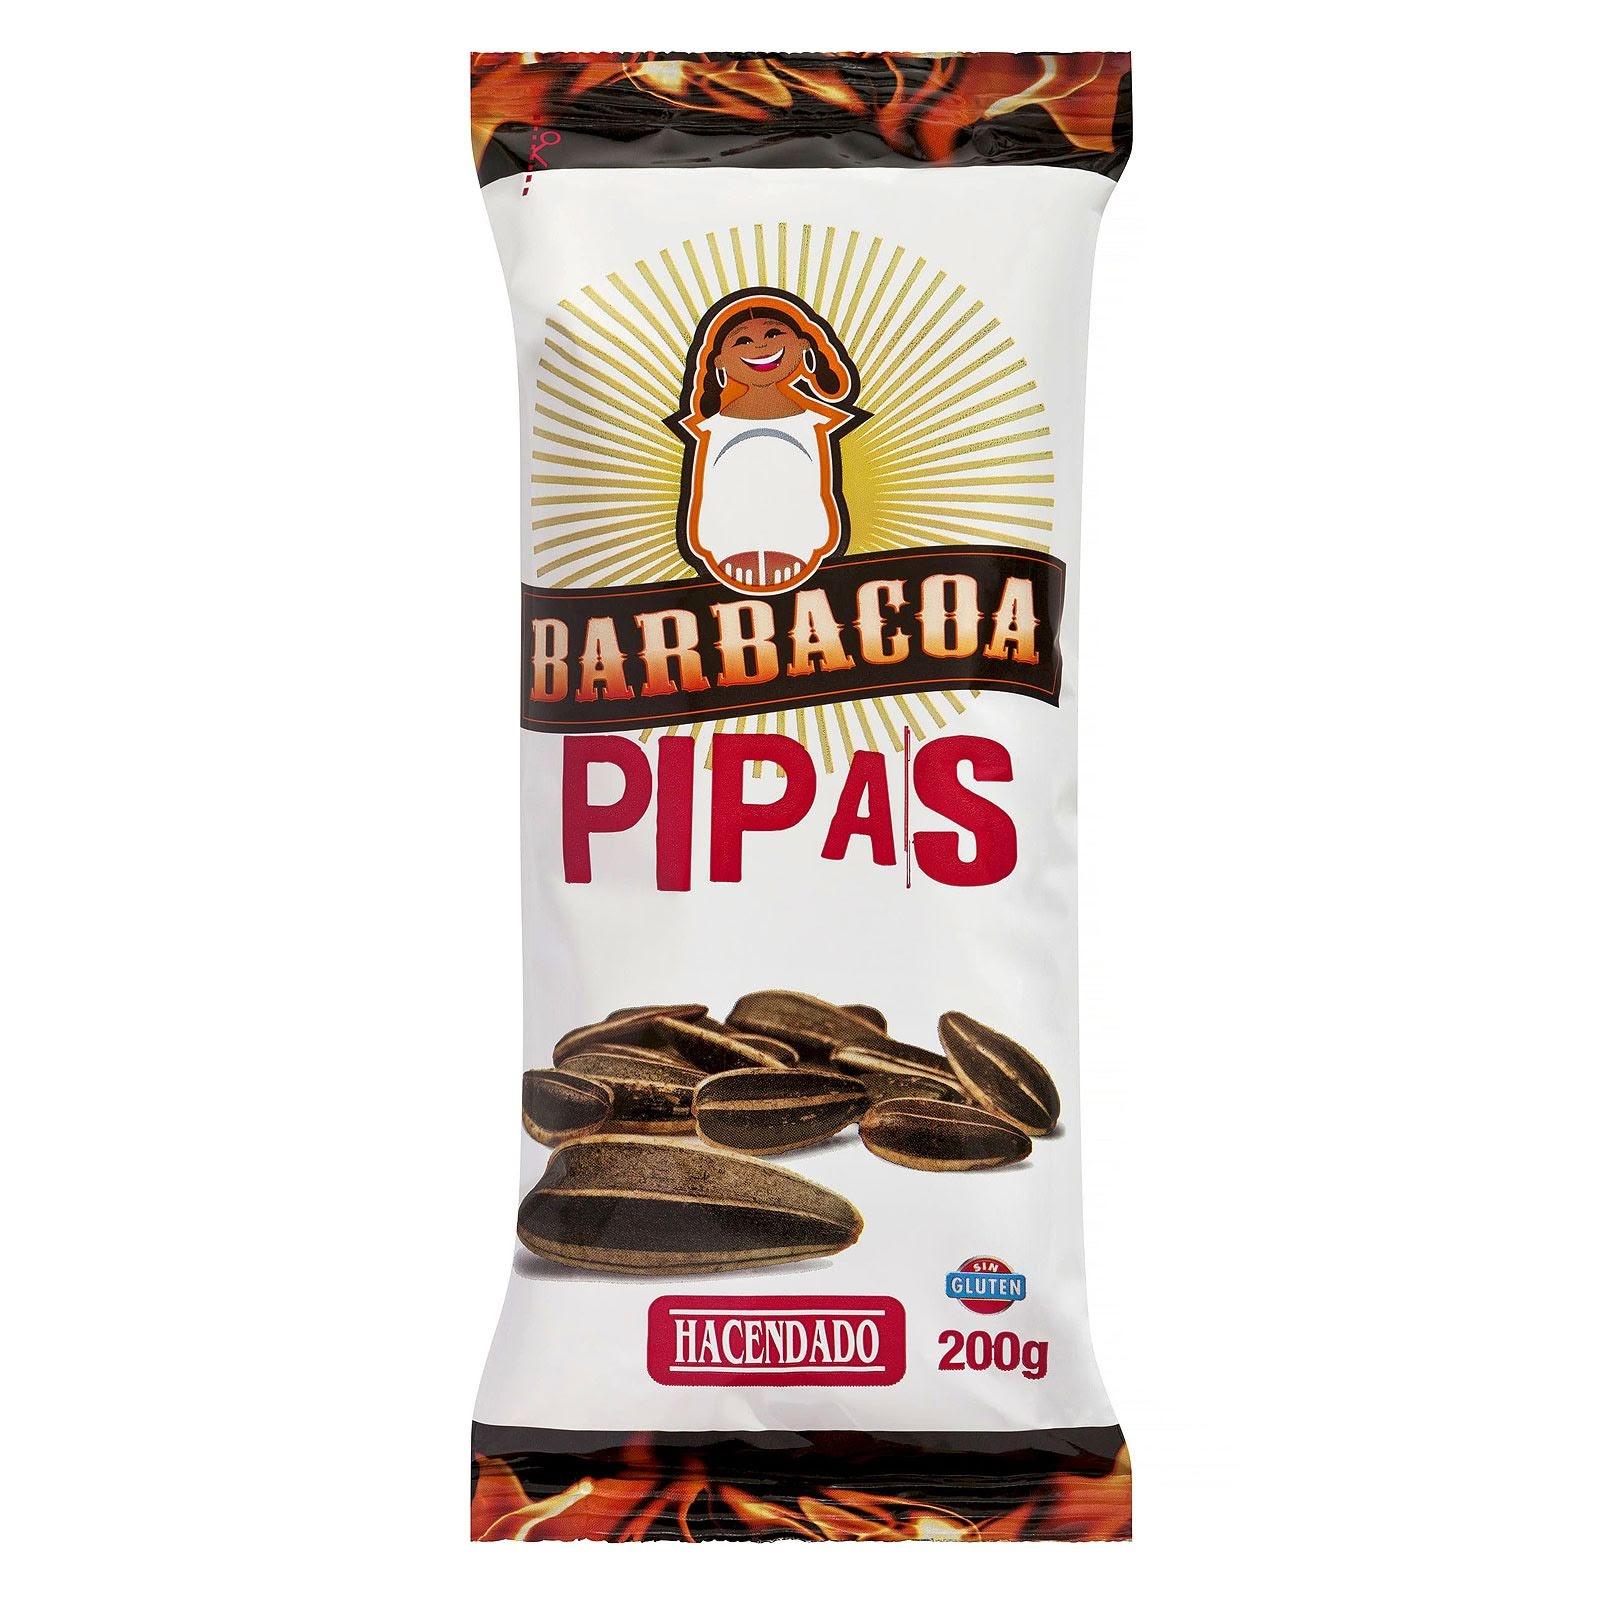 Pipas de girasol sabor barbacoa Hacendado